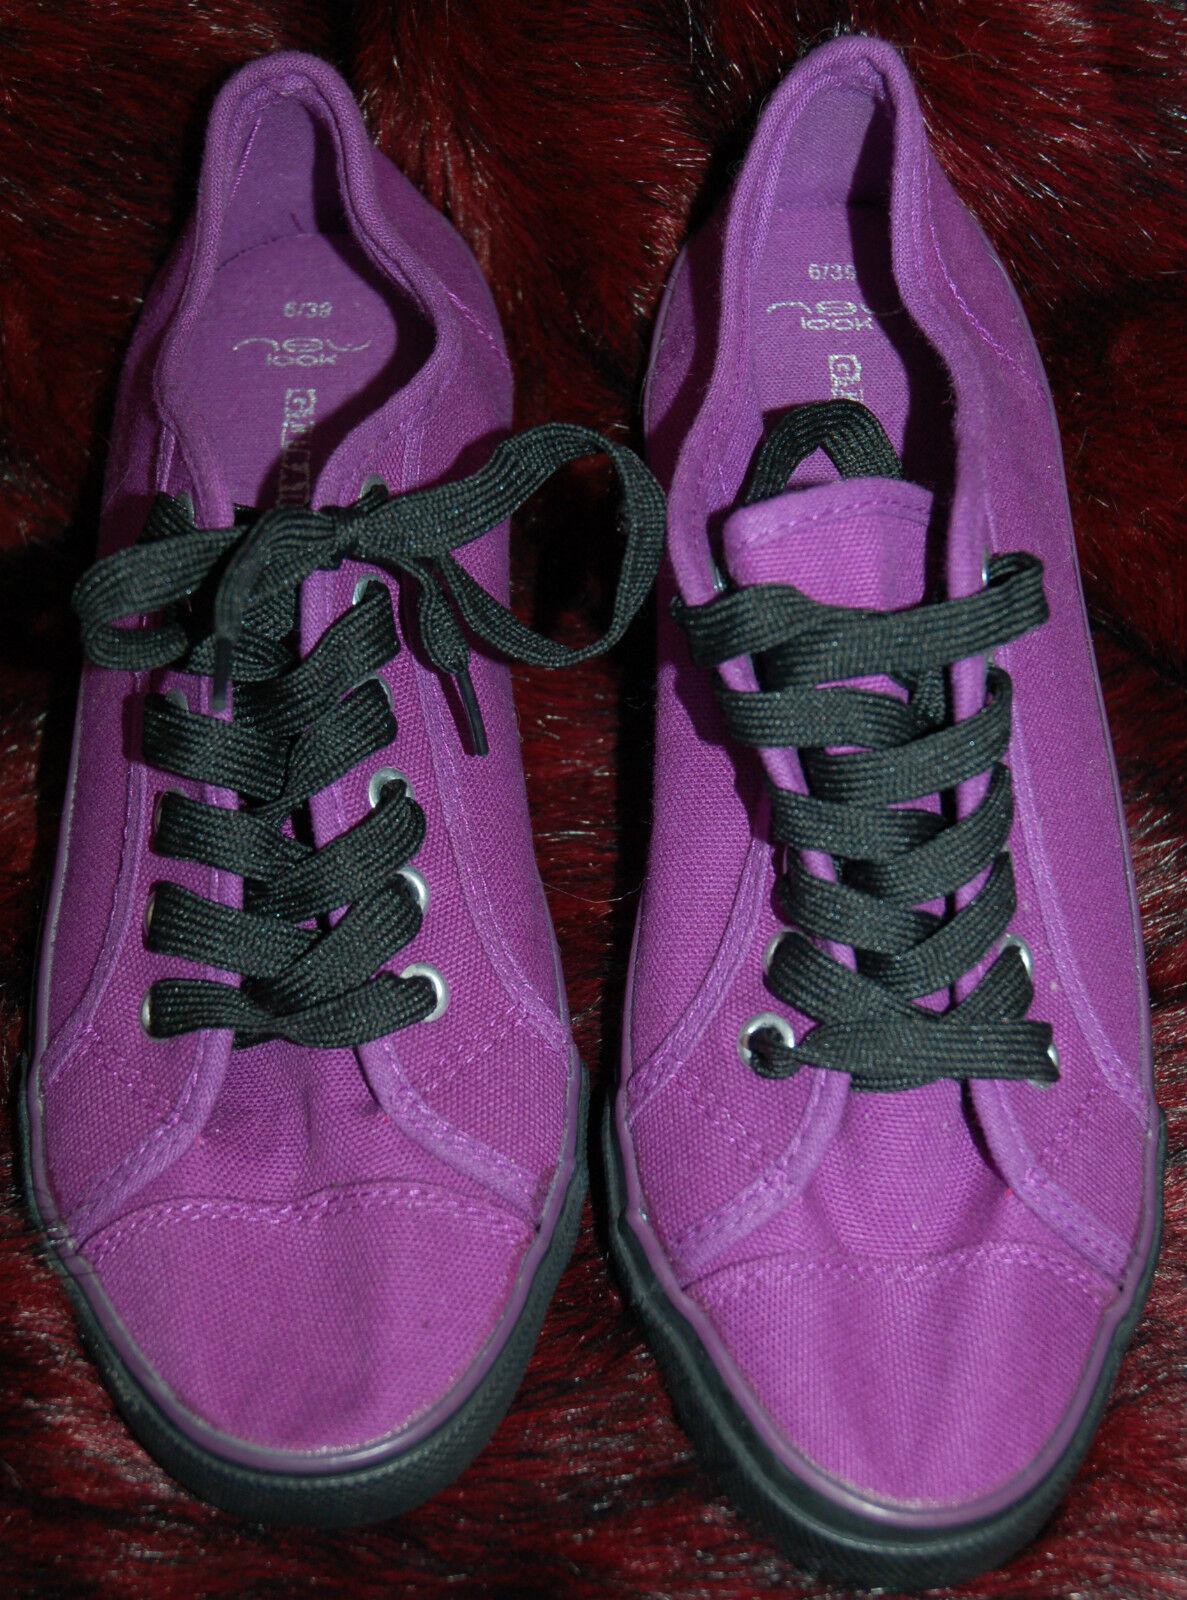 Nouveau SZ 6 Bold Berry Violet Toile Plates Plates Plates Noires à Lacets Pont Chaussures Escarpins 07d63d